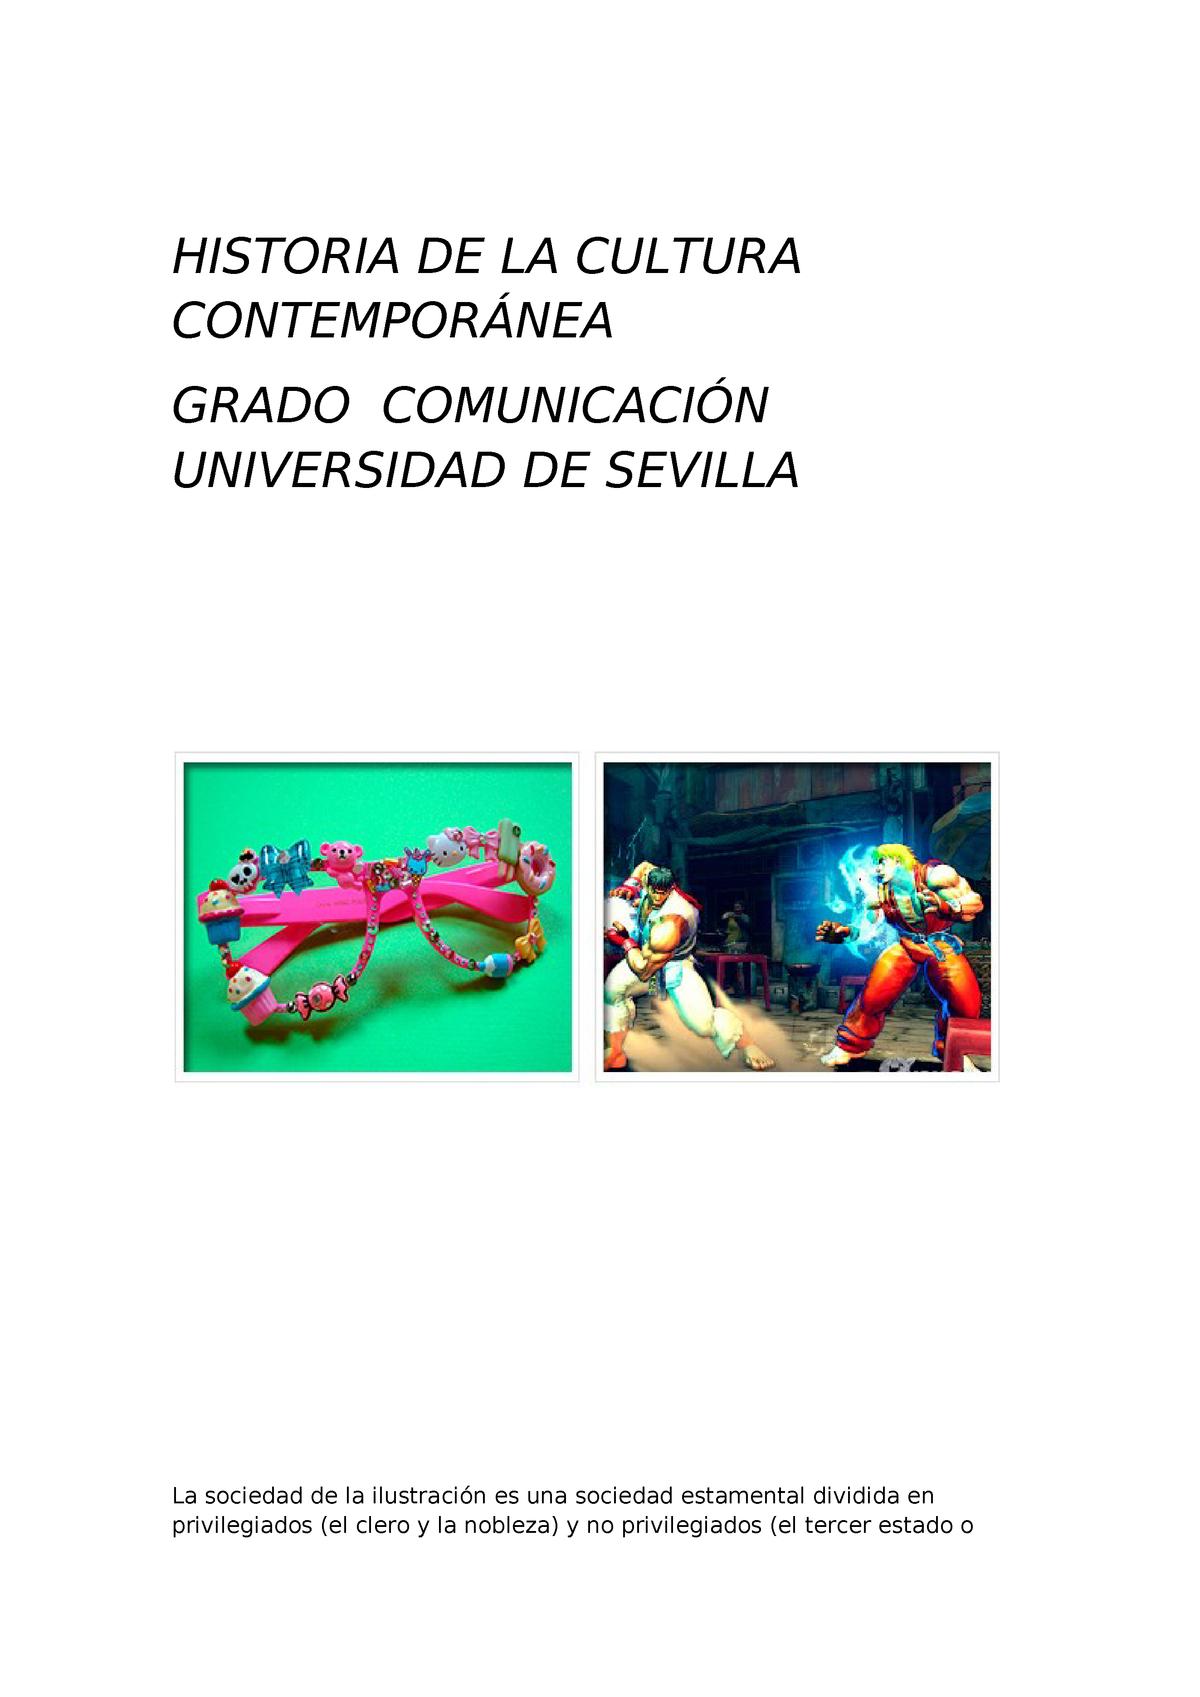 Historia De La Cultura Contemporánea Apuntes Us Ucm